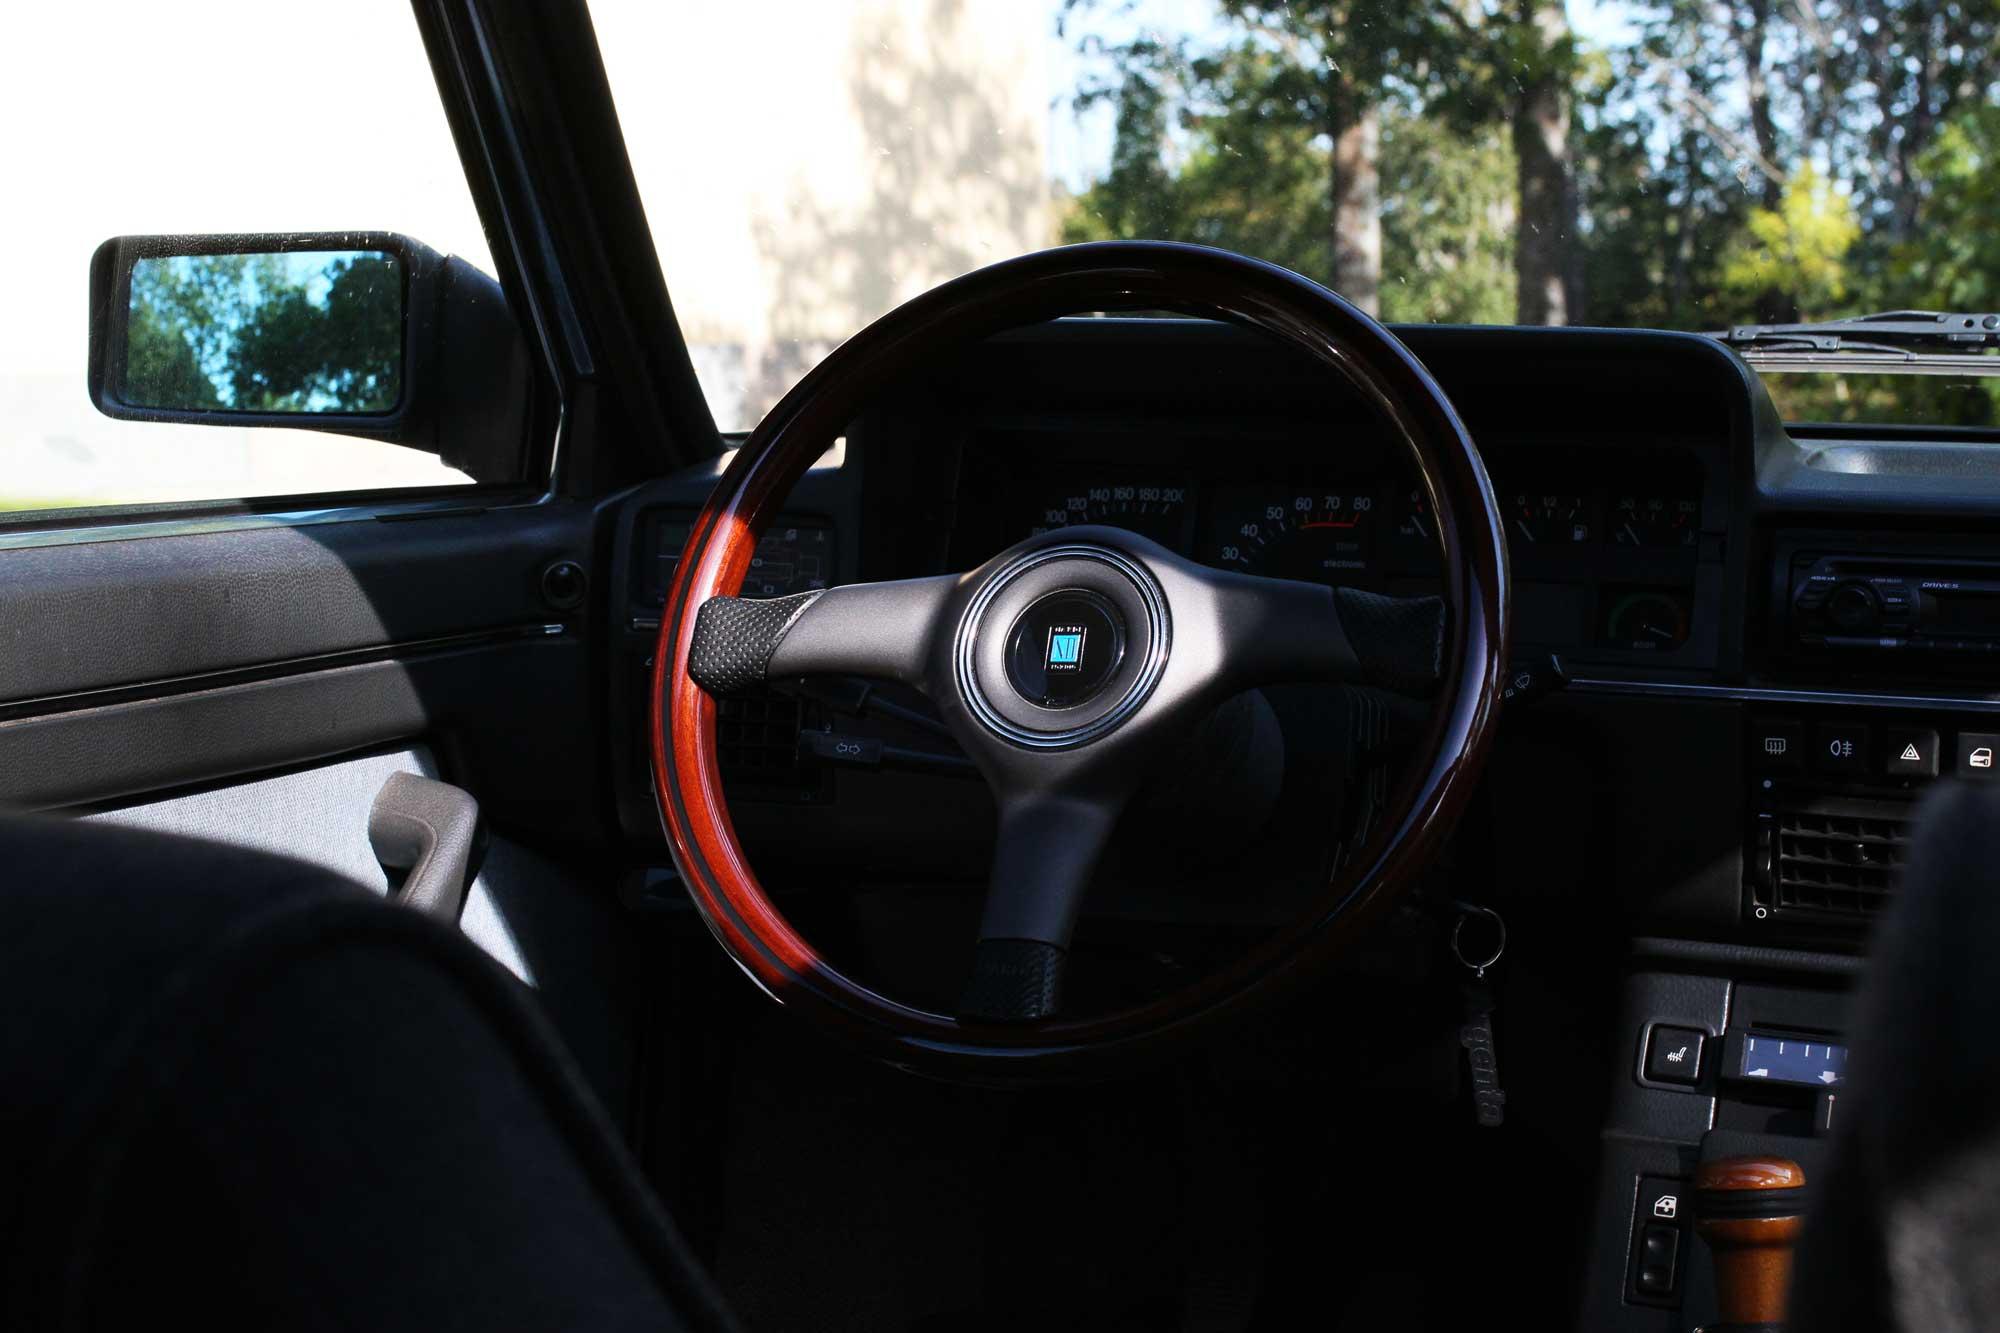 Nardi steering wheel in a Argenta